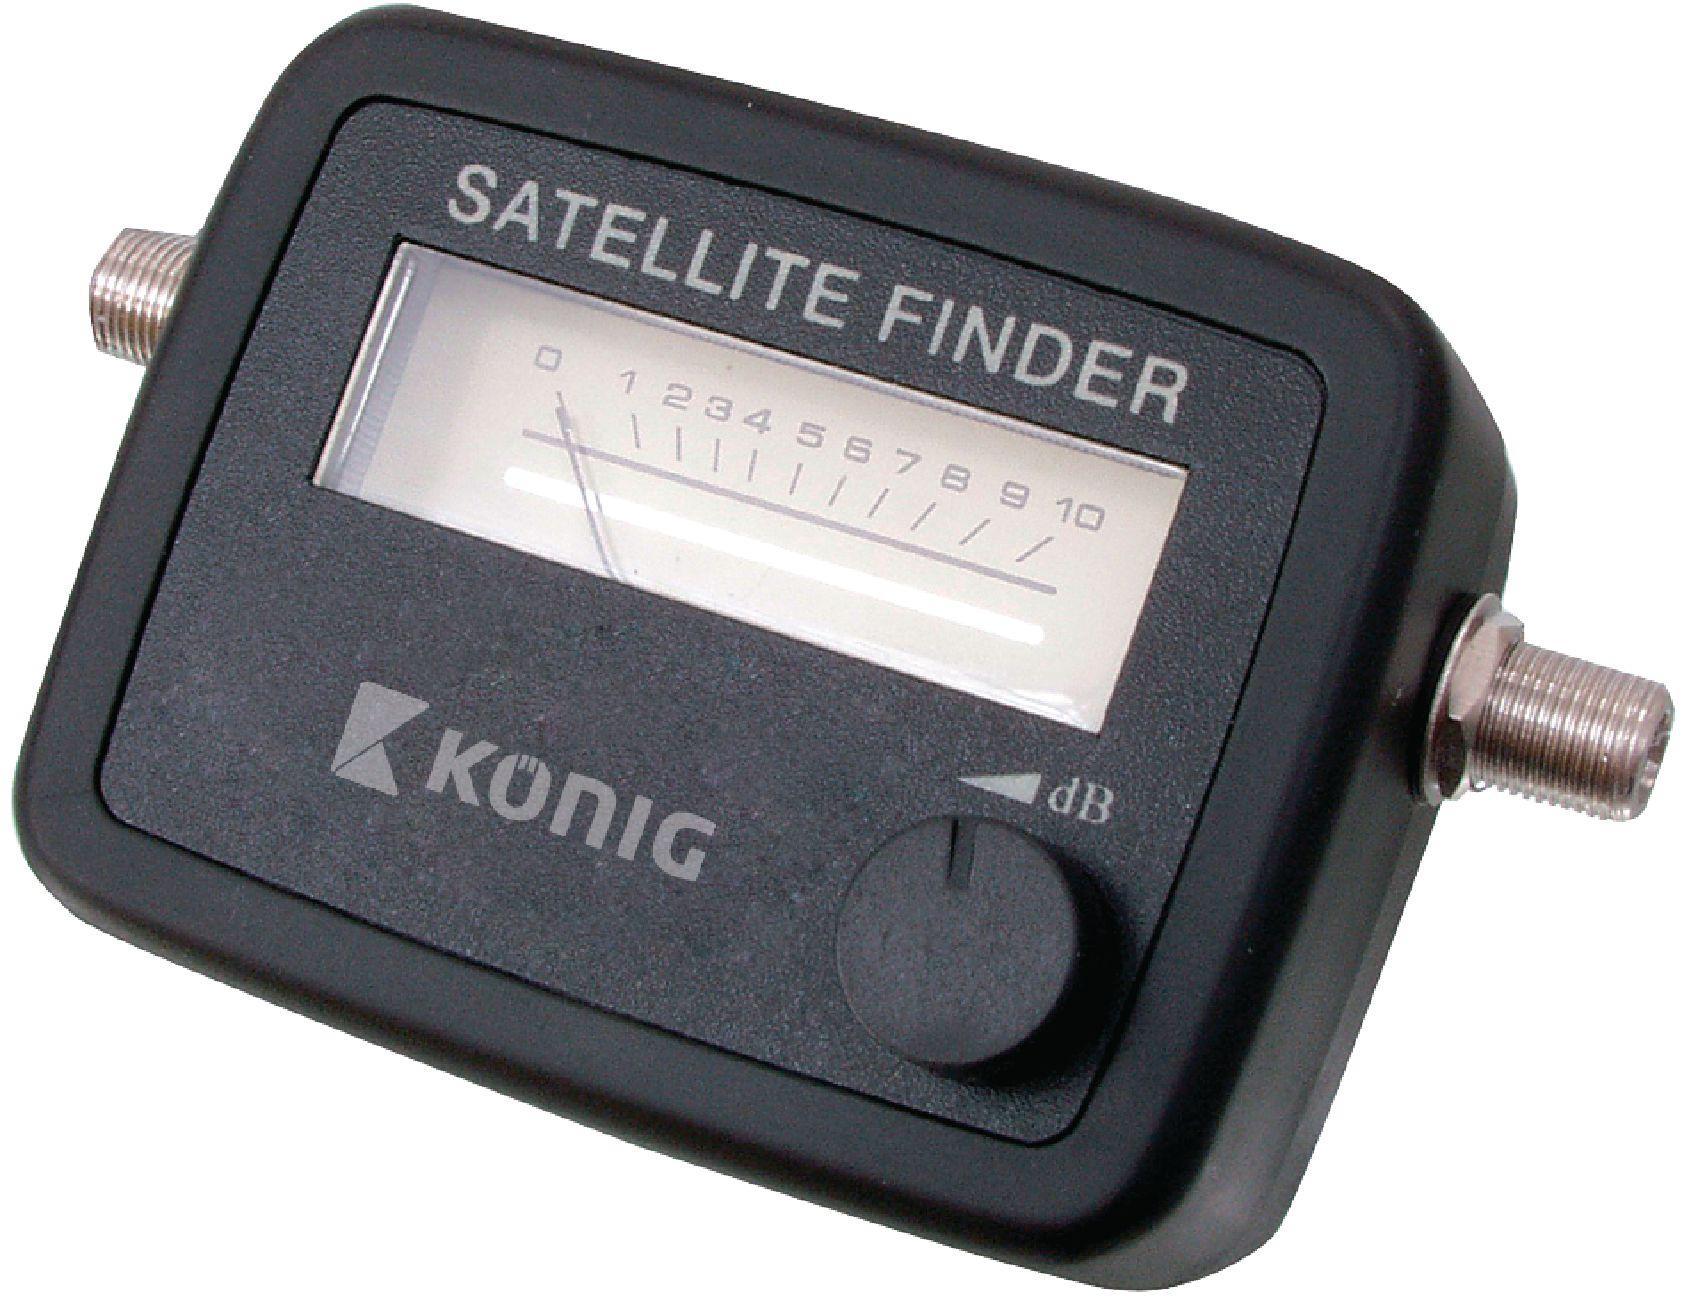 Satfinder analoog Konig